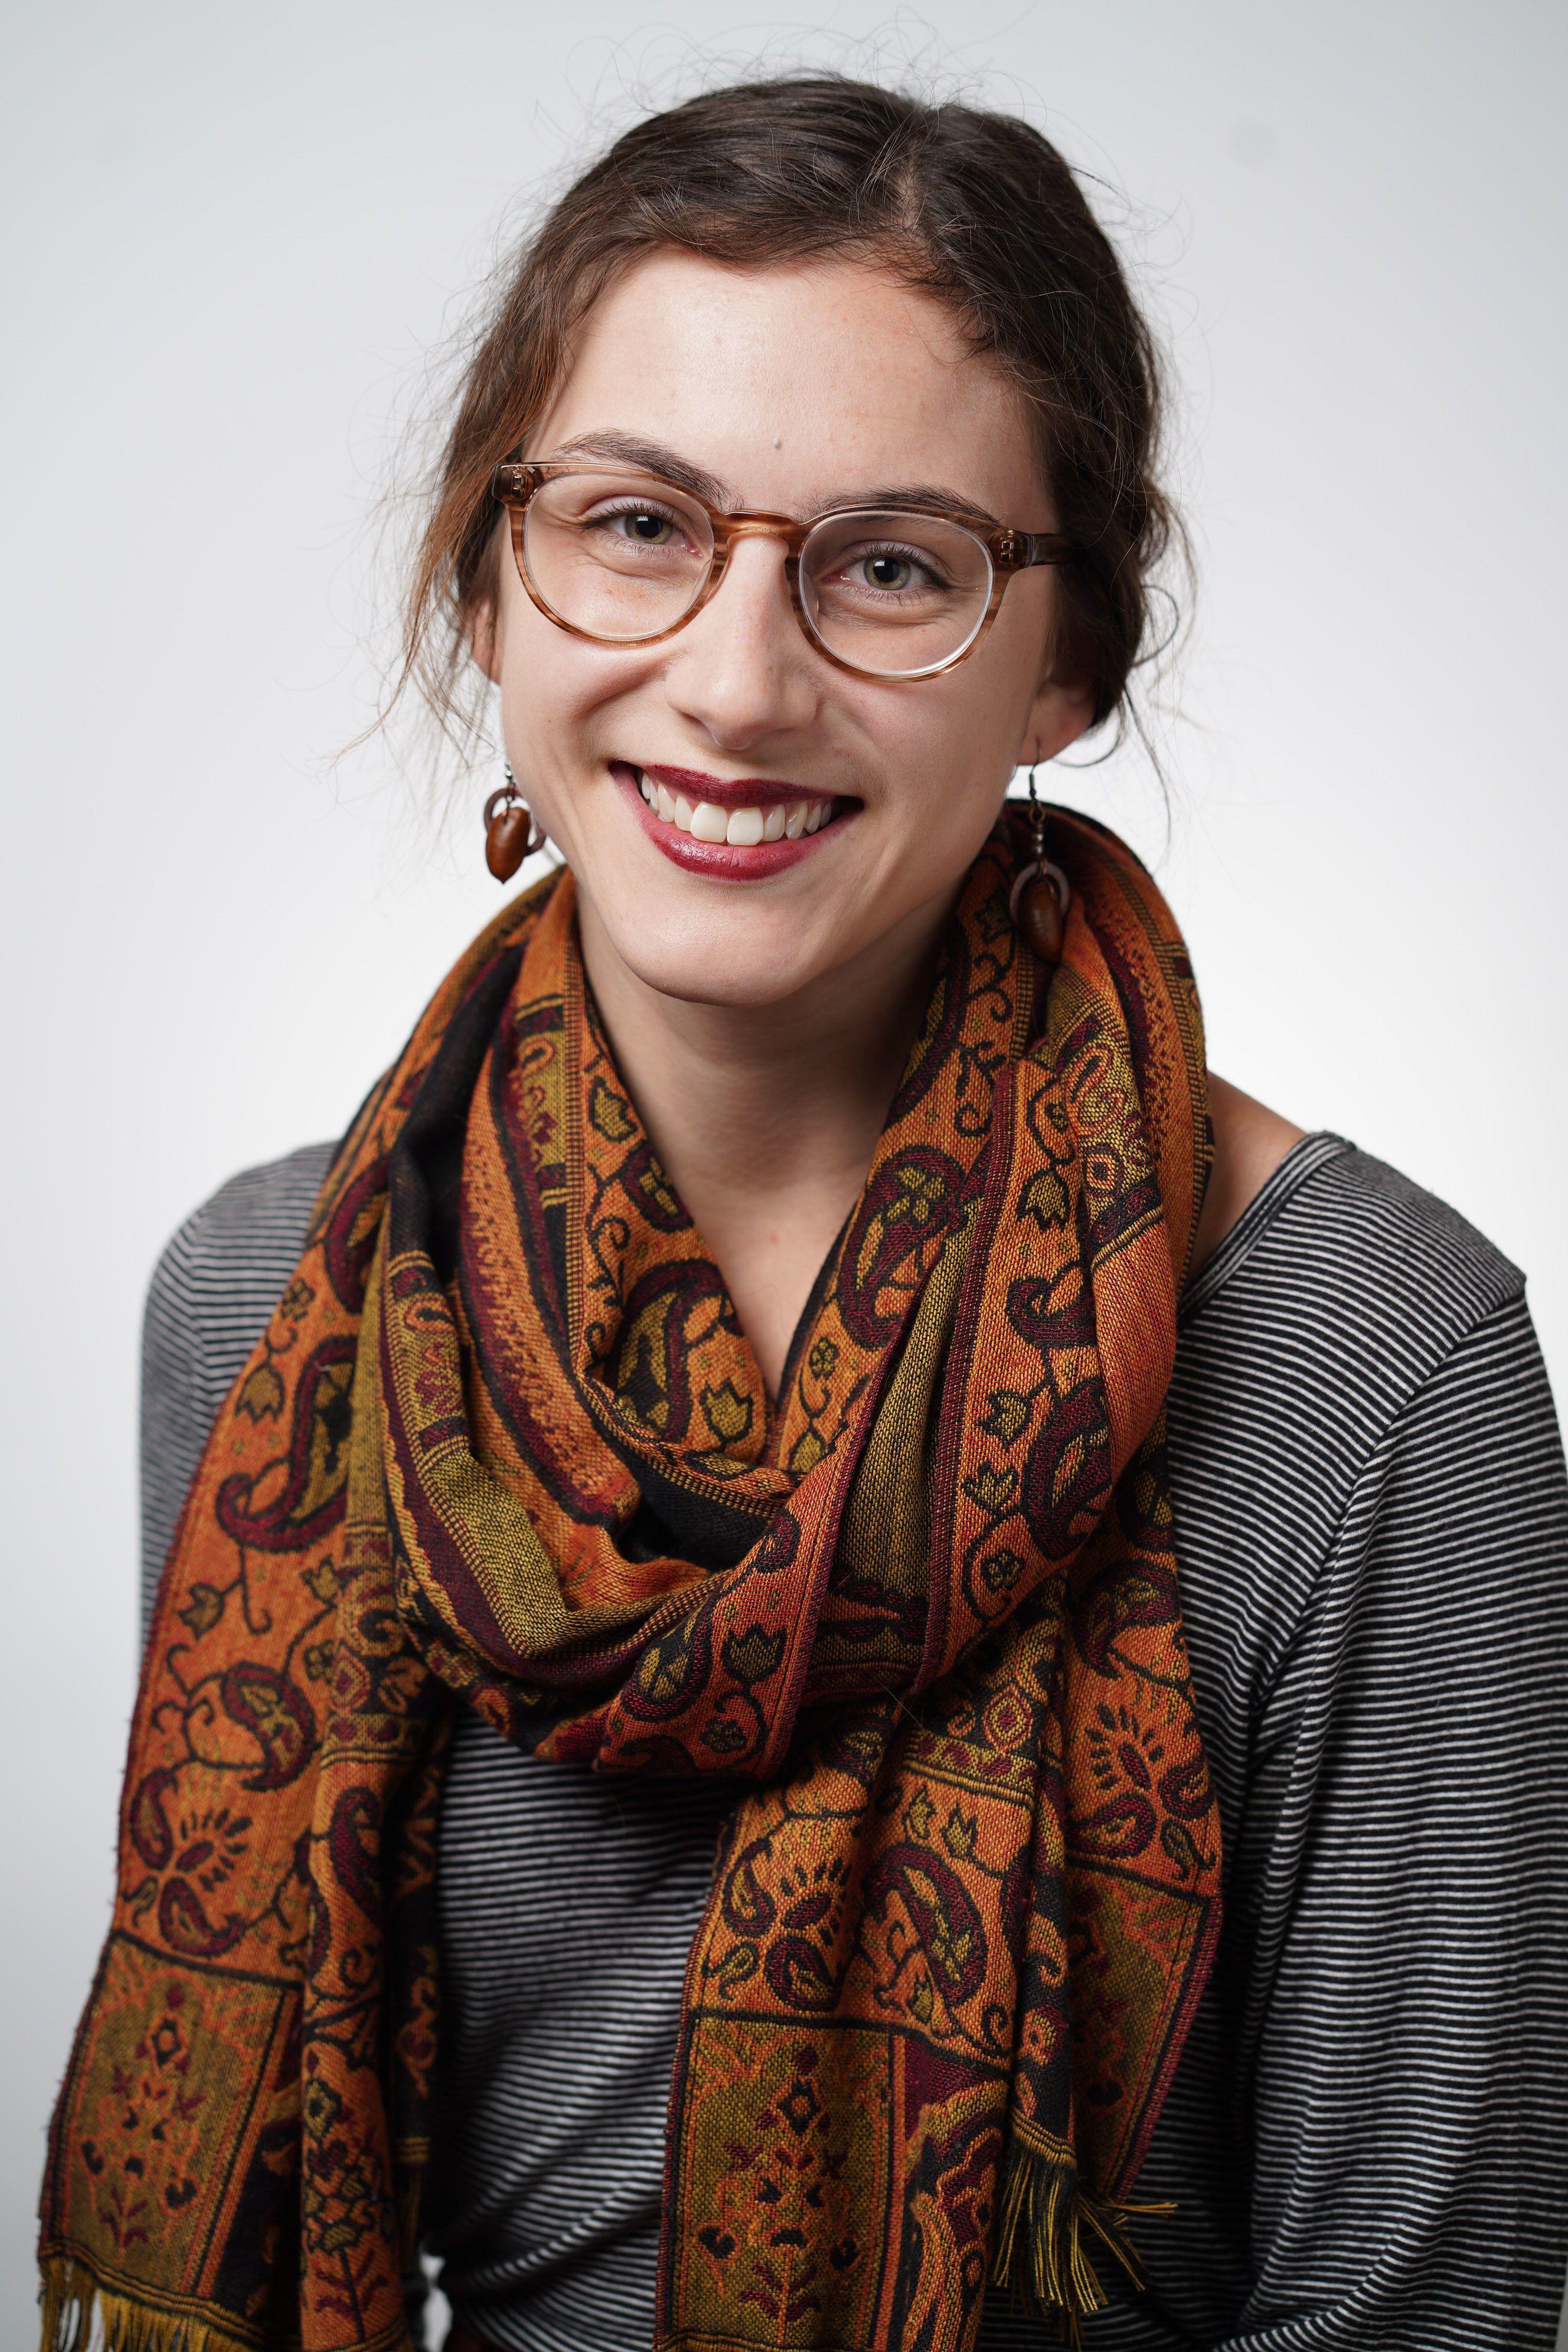 Alexandria Polanosky, Board Co-Treasurer